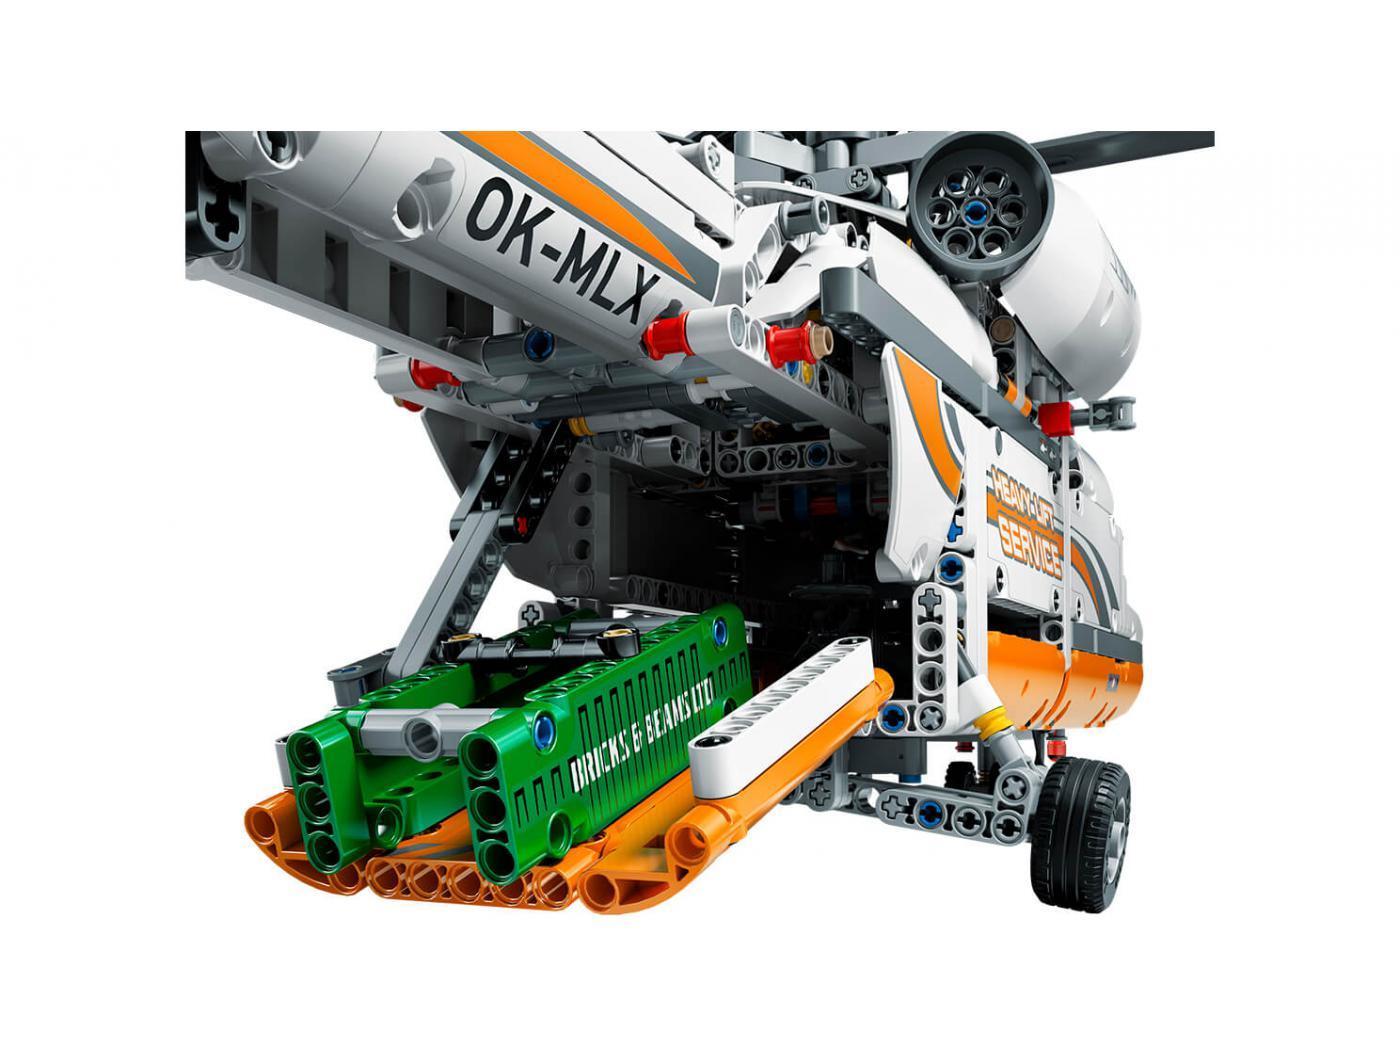 Lego l 39 avion de chasse acrobatique - Avion de chasse en lego ...